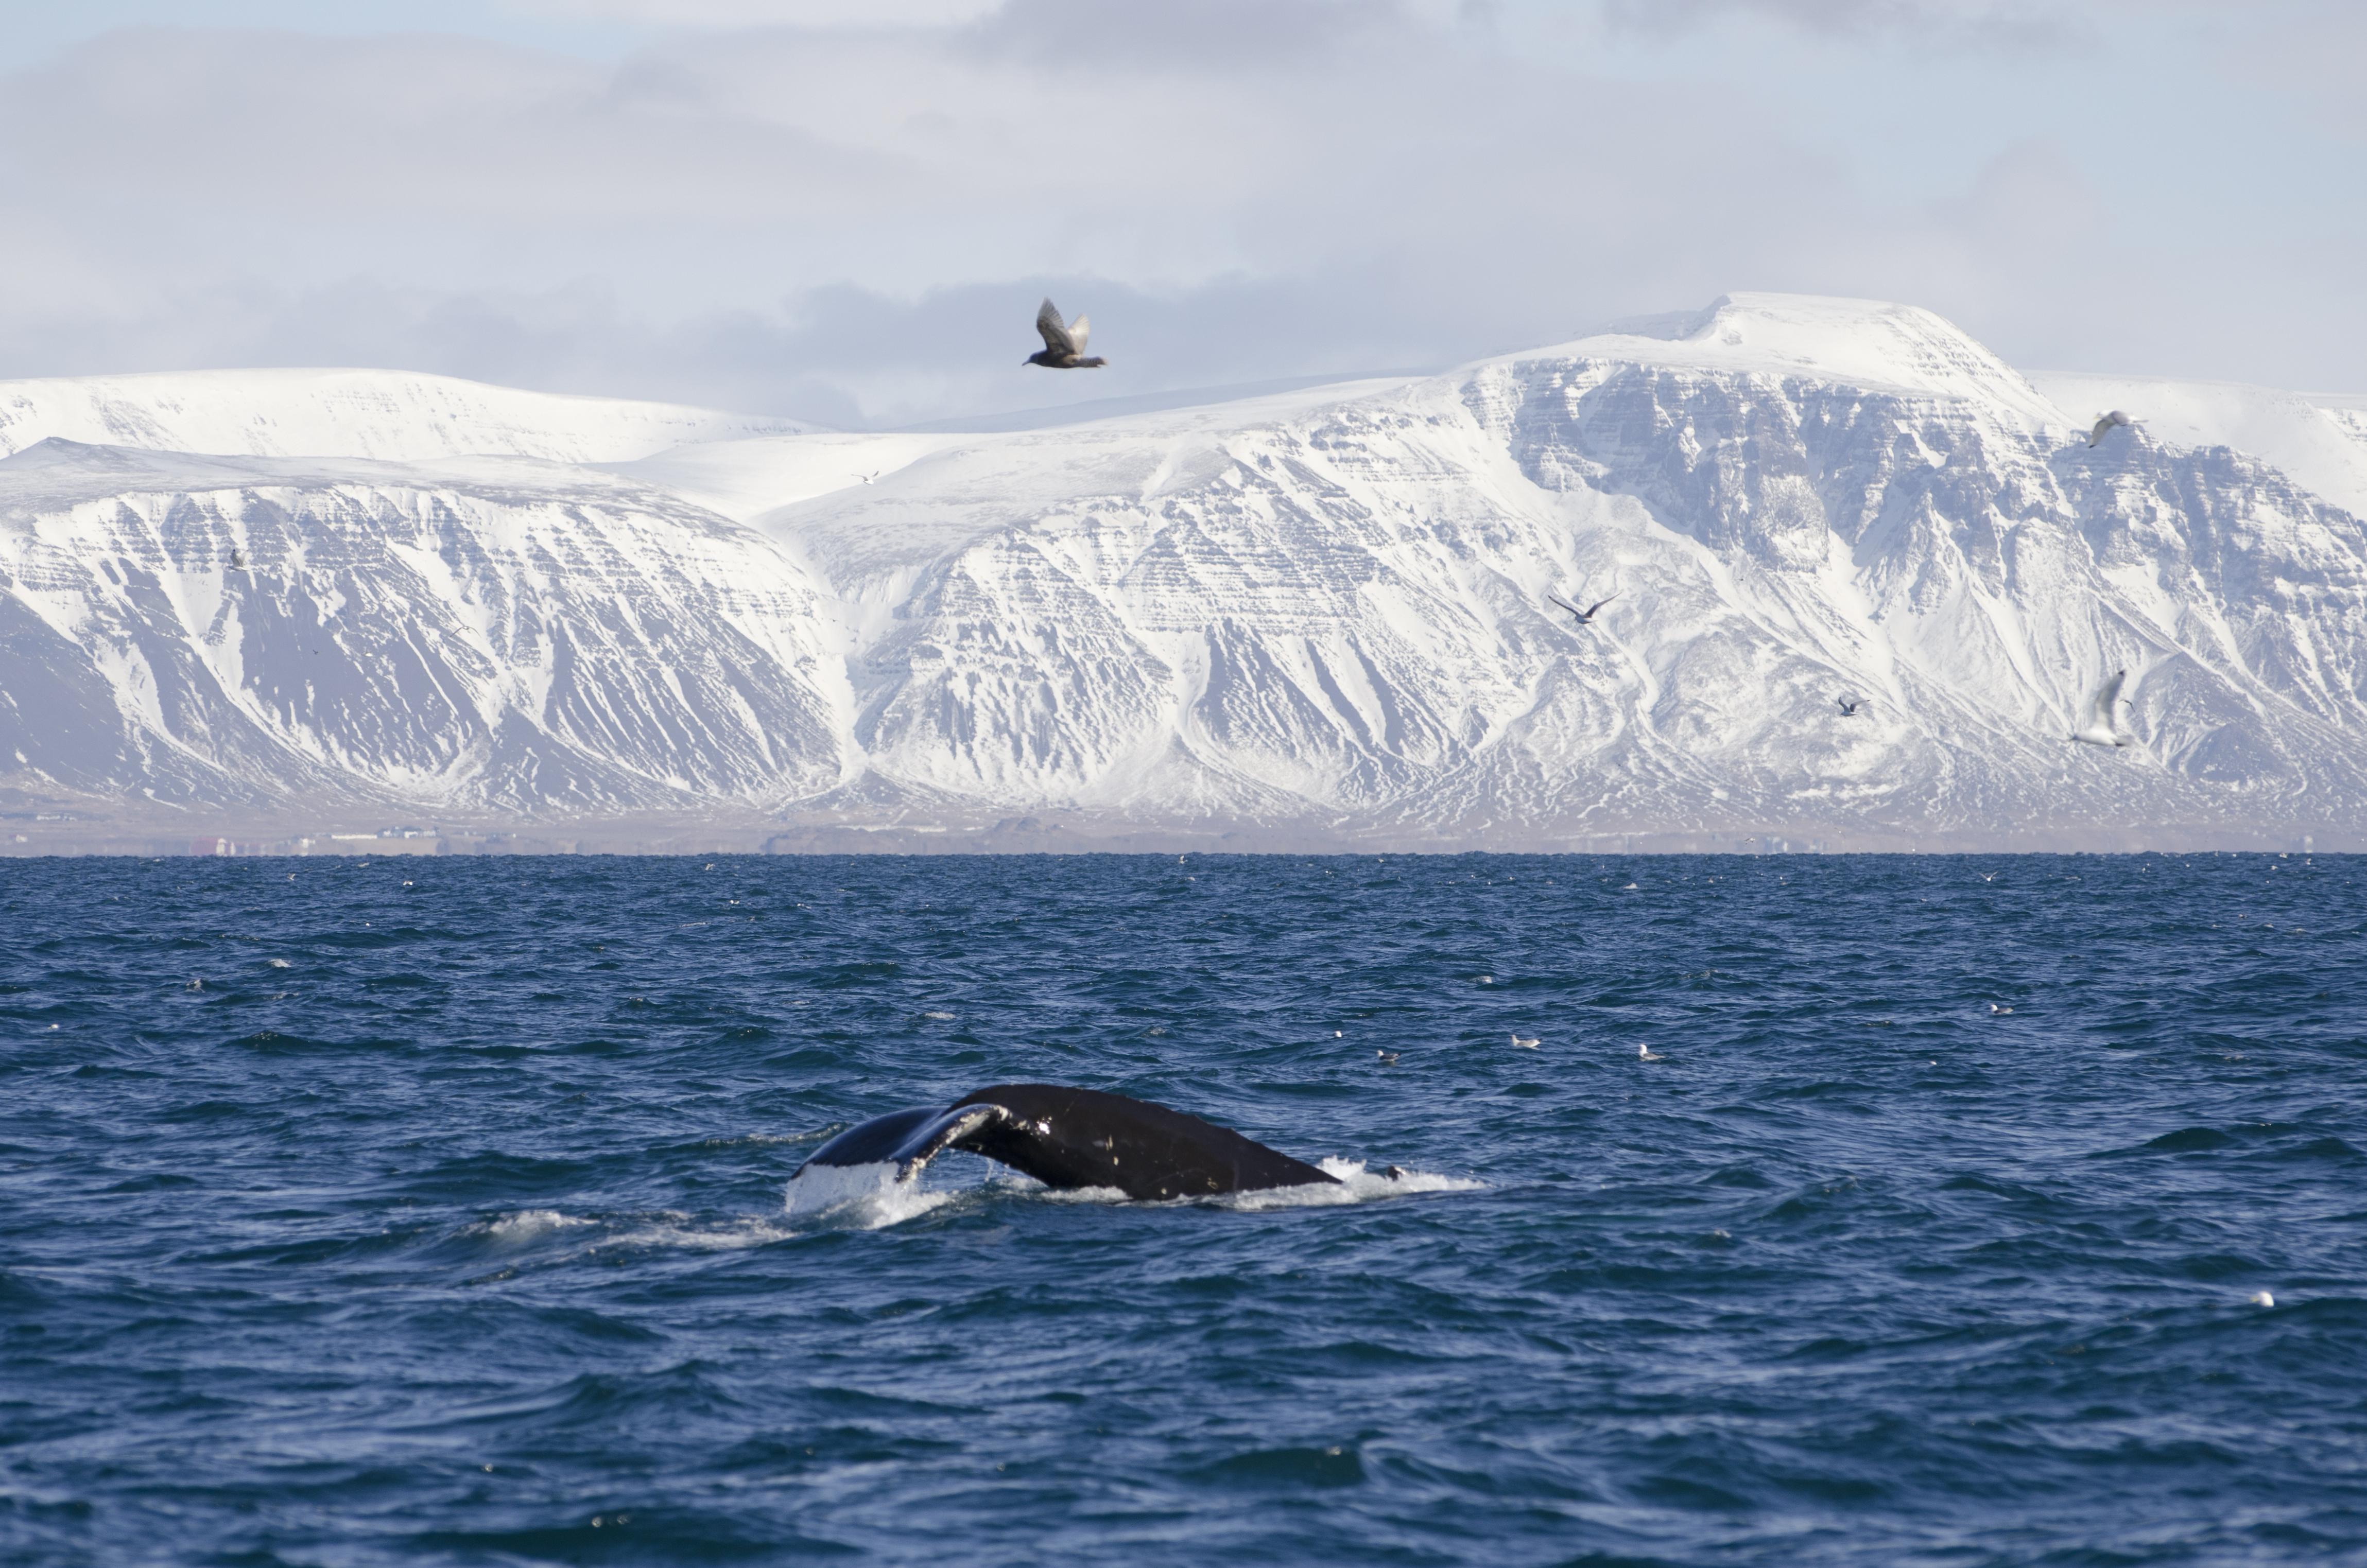 En knölval dyket mot en kuliss av snöklädda berg. En vinterbild från västra Island.